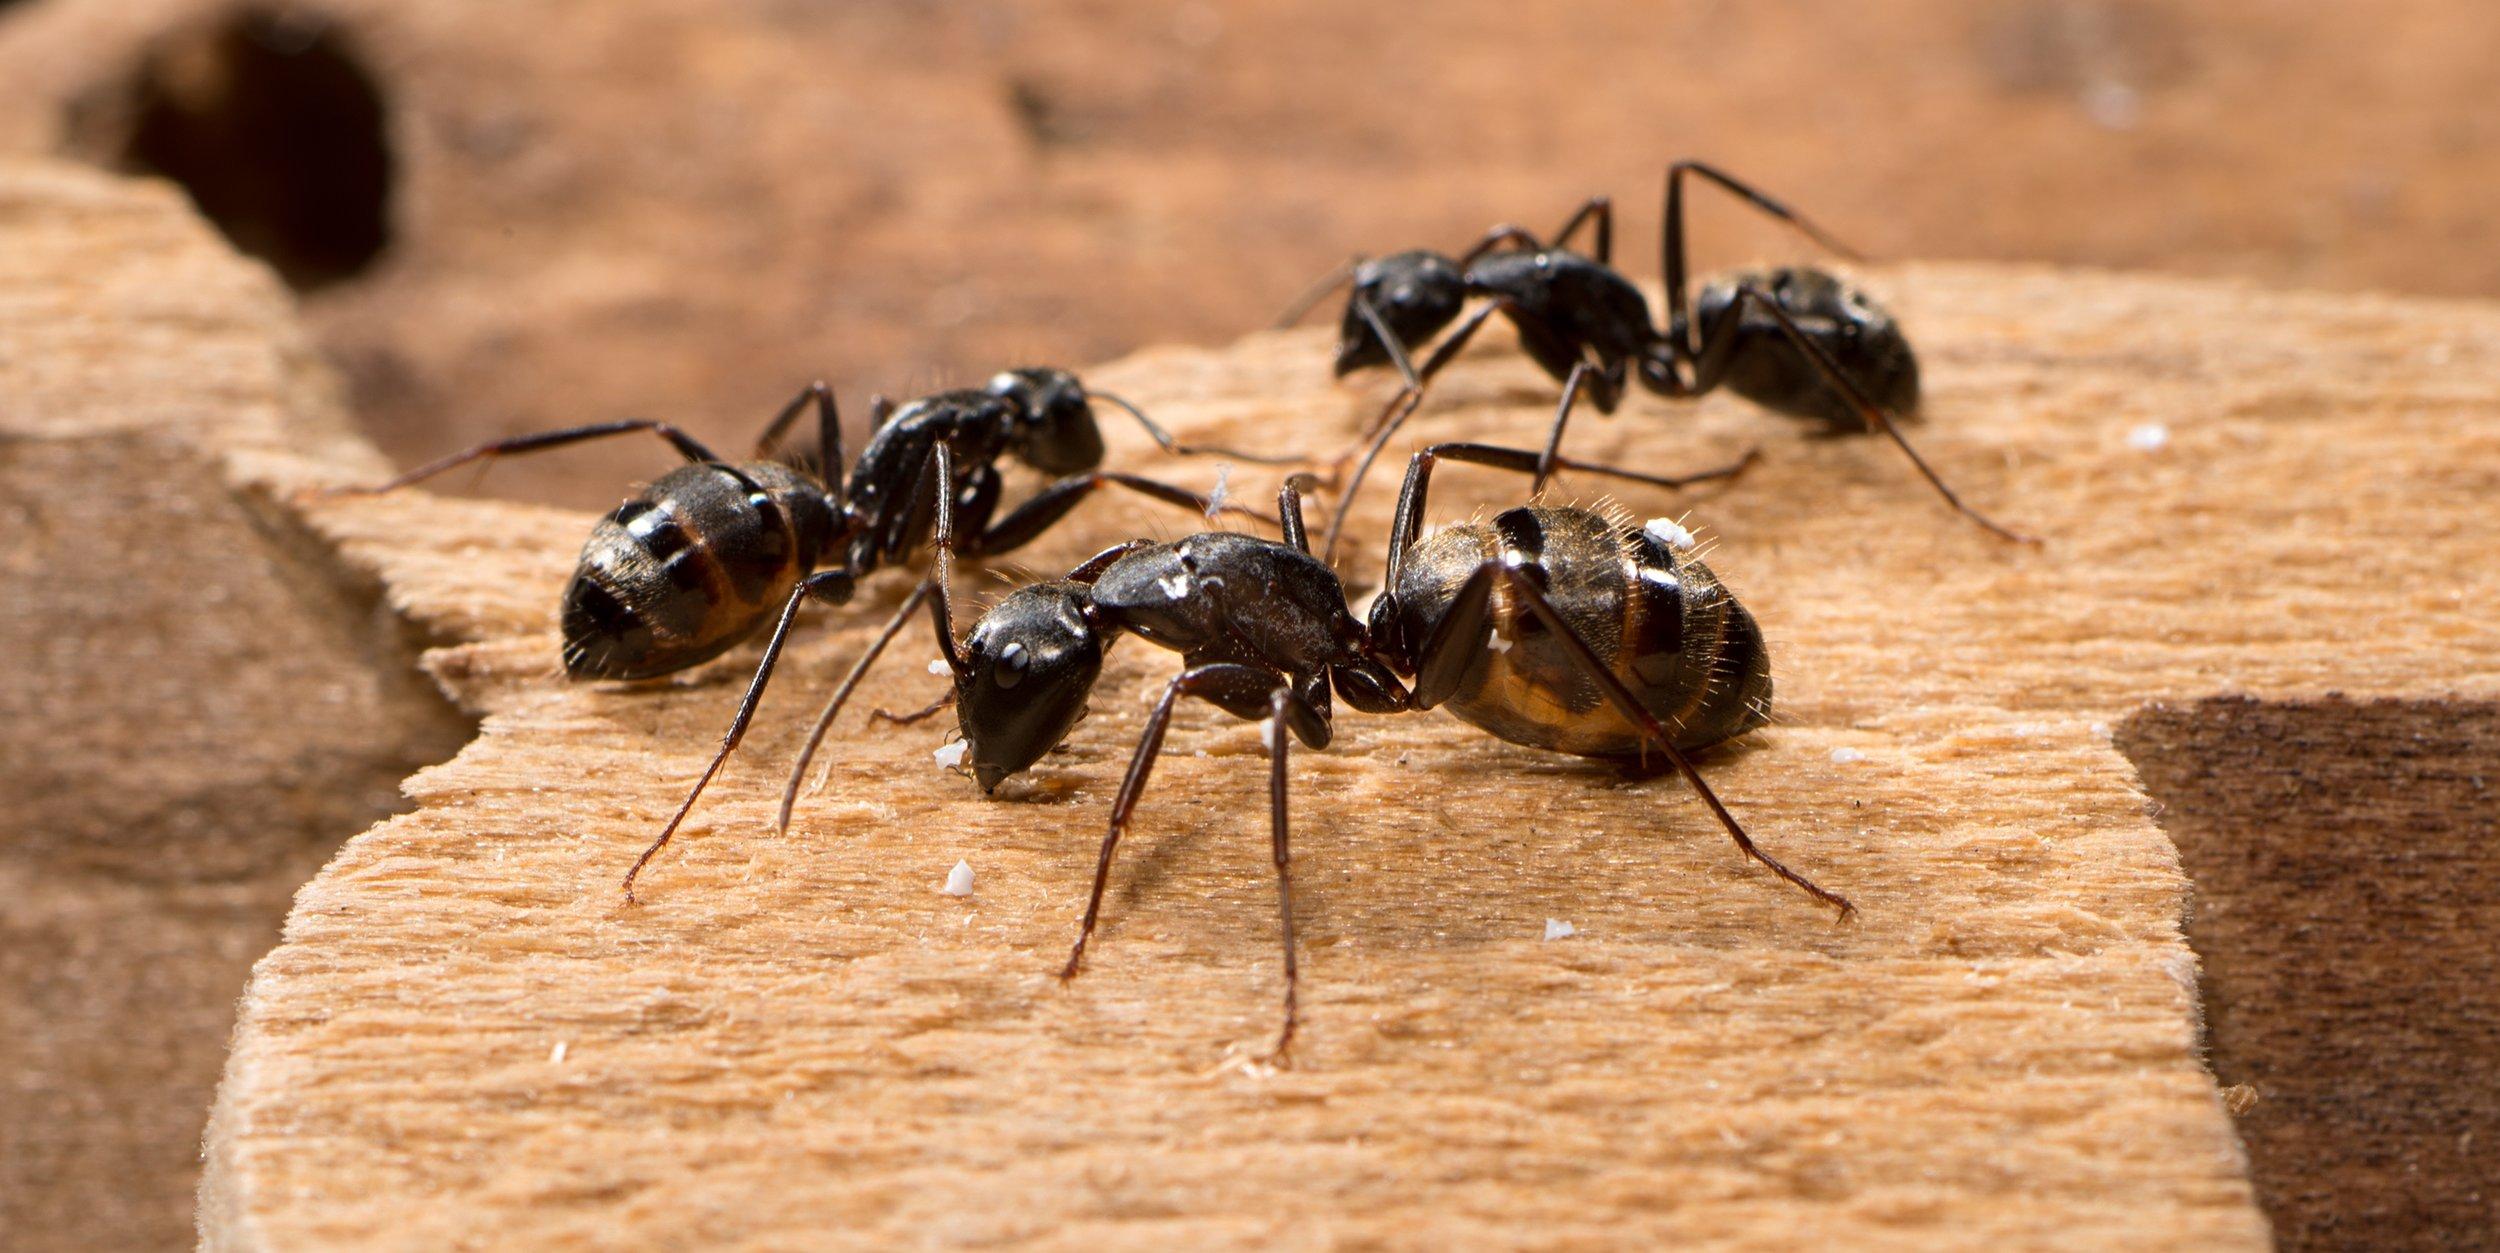 carpenter-ants-e1400242733380.jpg